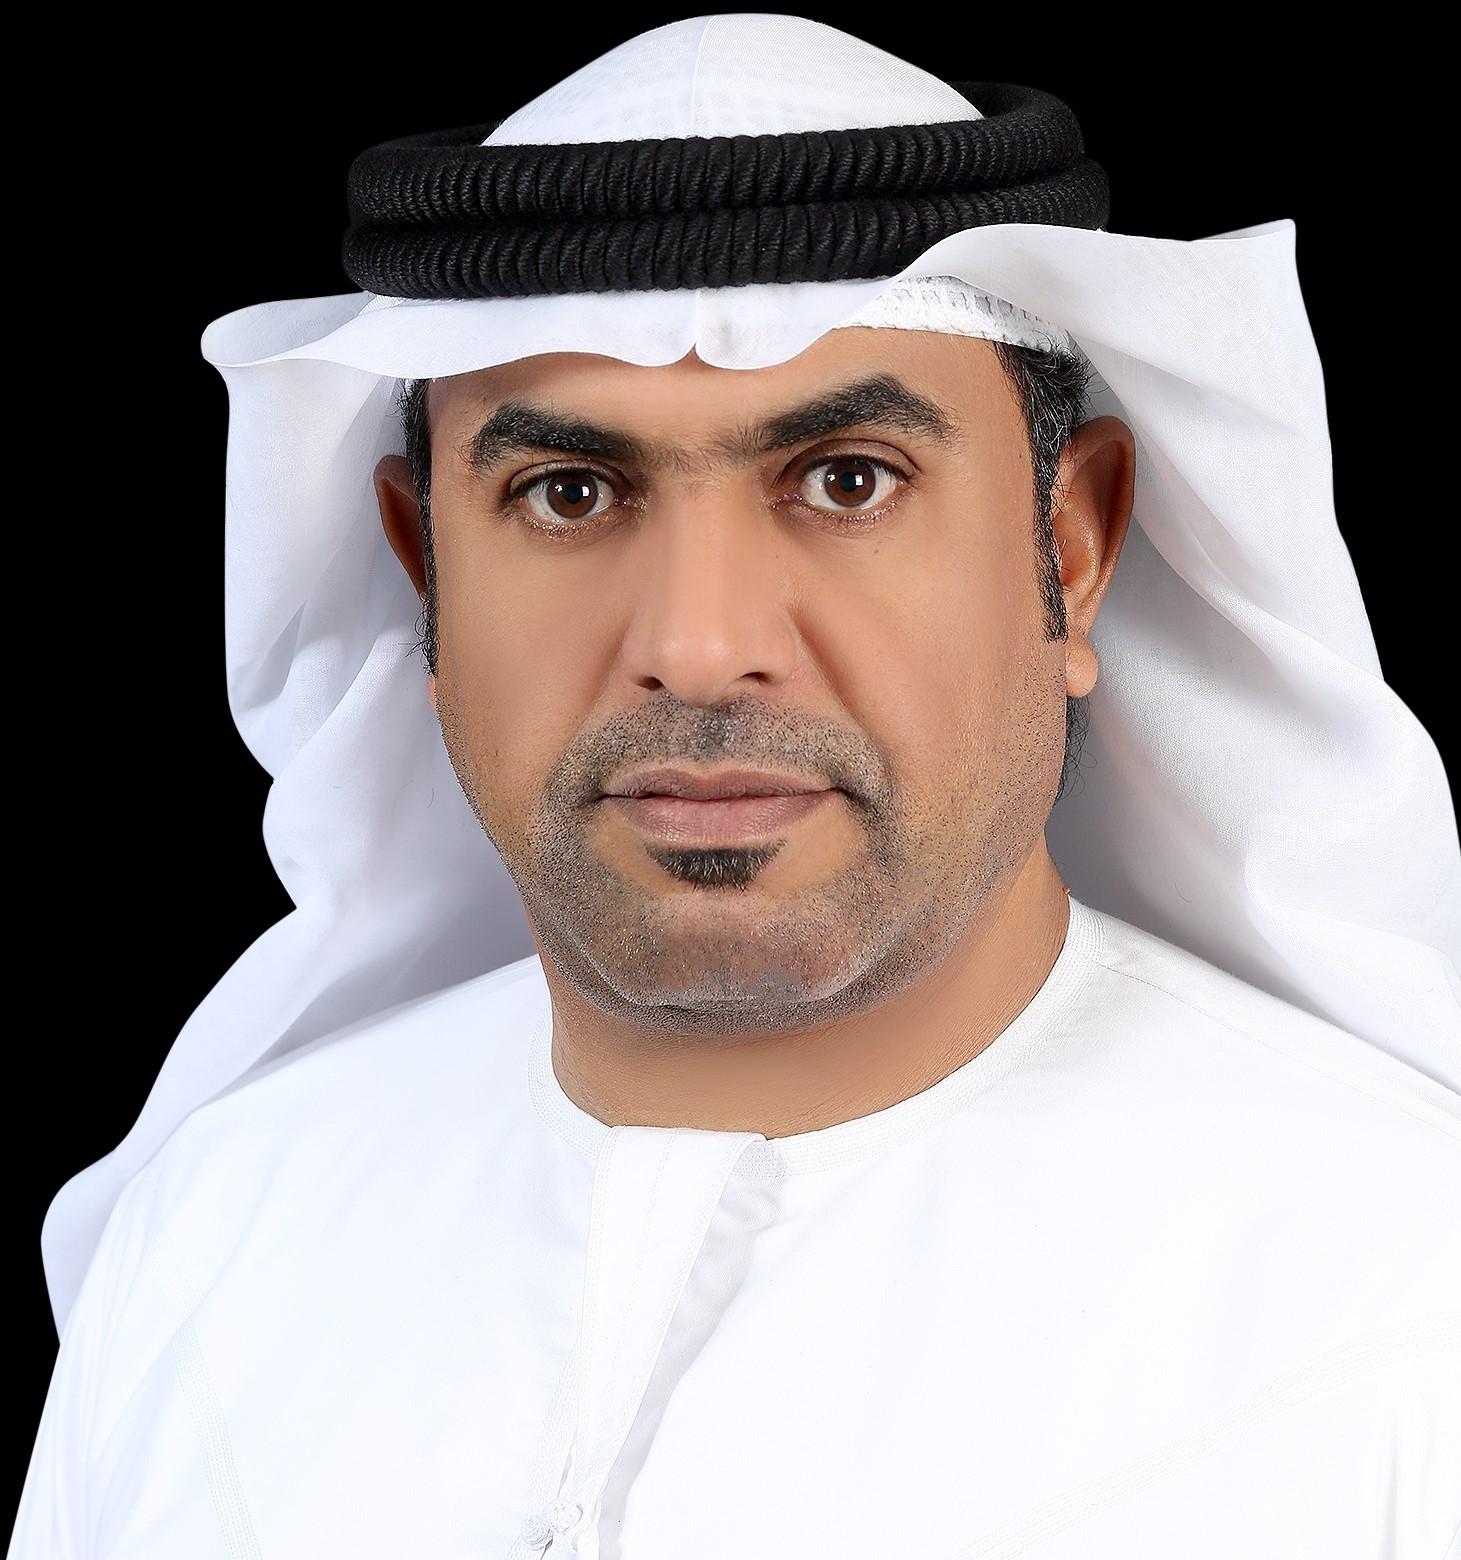 محمد خلفان الصوافي